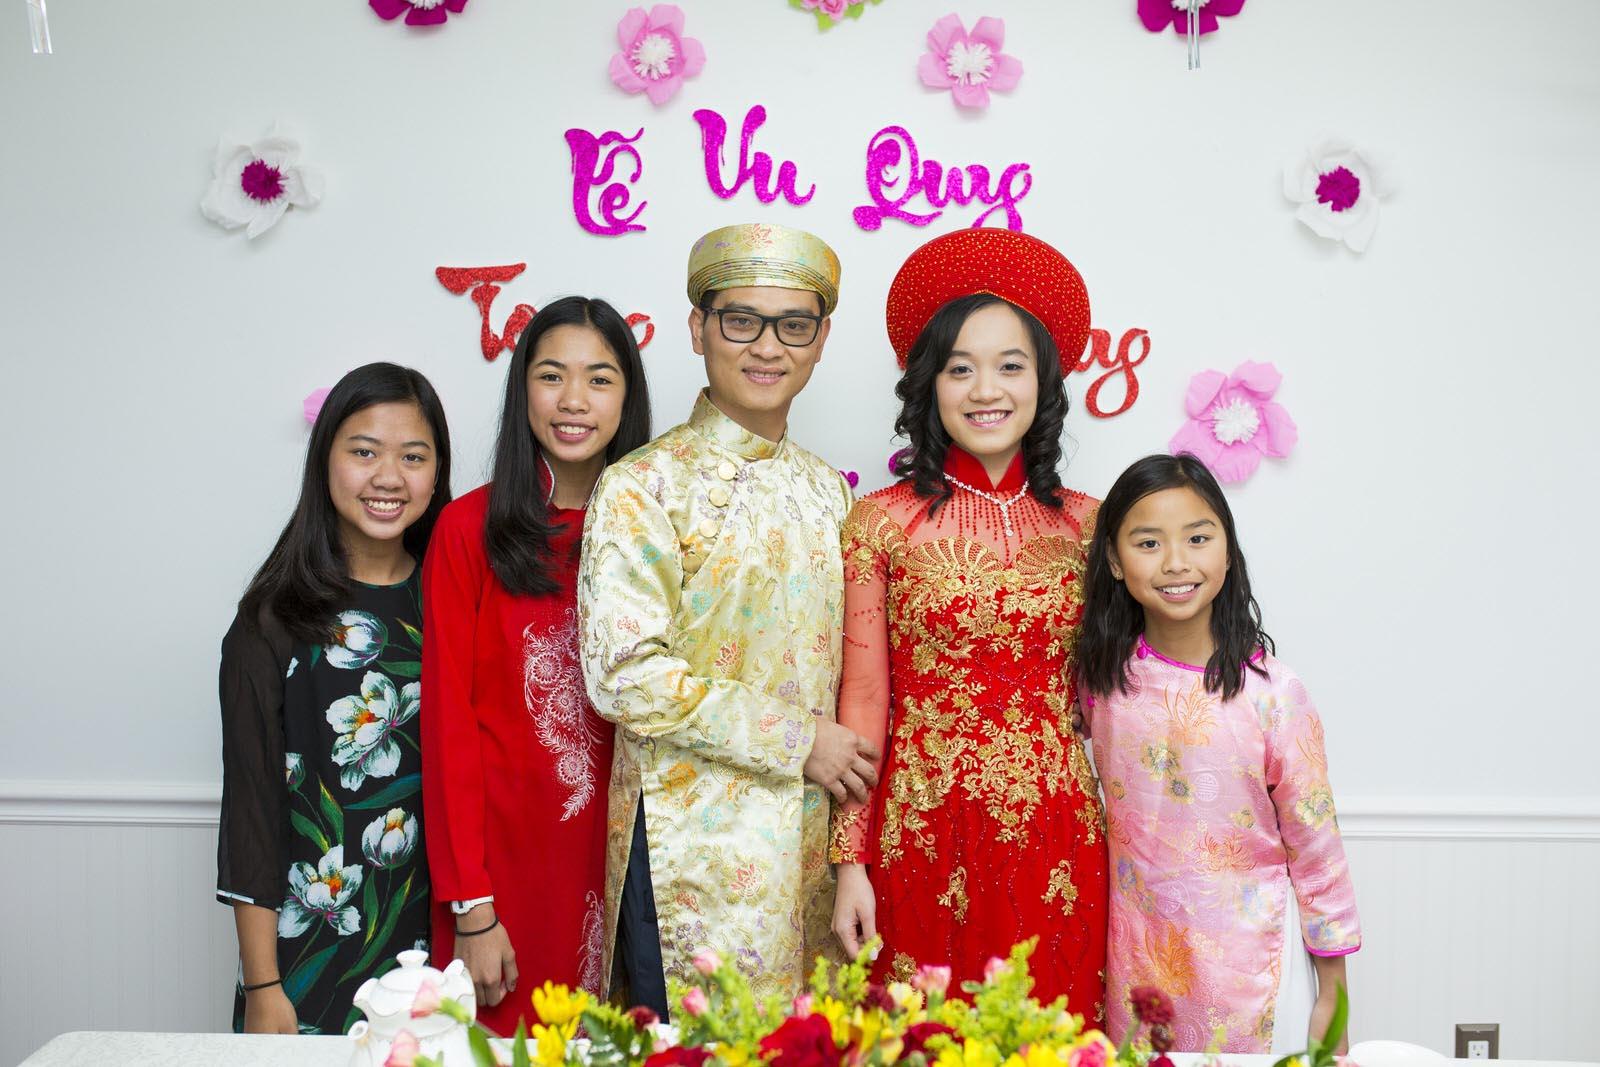 Thanh & Linh_416.jpg